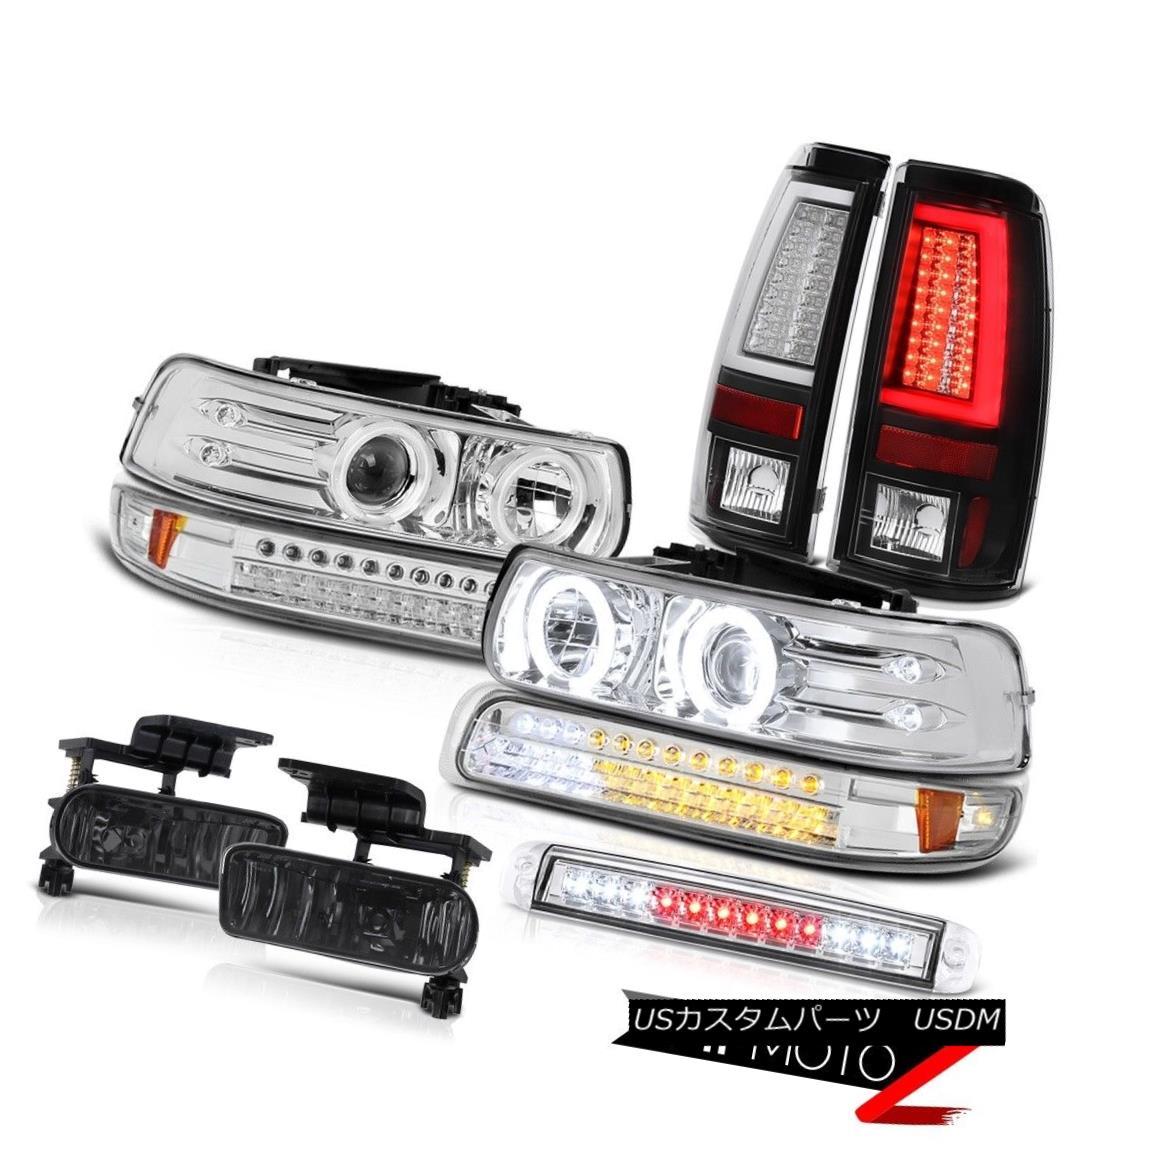 ヘッドライト 1999-2002 Silverado LS Taillights High Stop Lamp Signal Headlights Fog Lamps LED 1999-2002 Silverado LS灯台ハイストップランプ信号ヘッドライトフォグランプLED